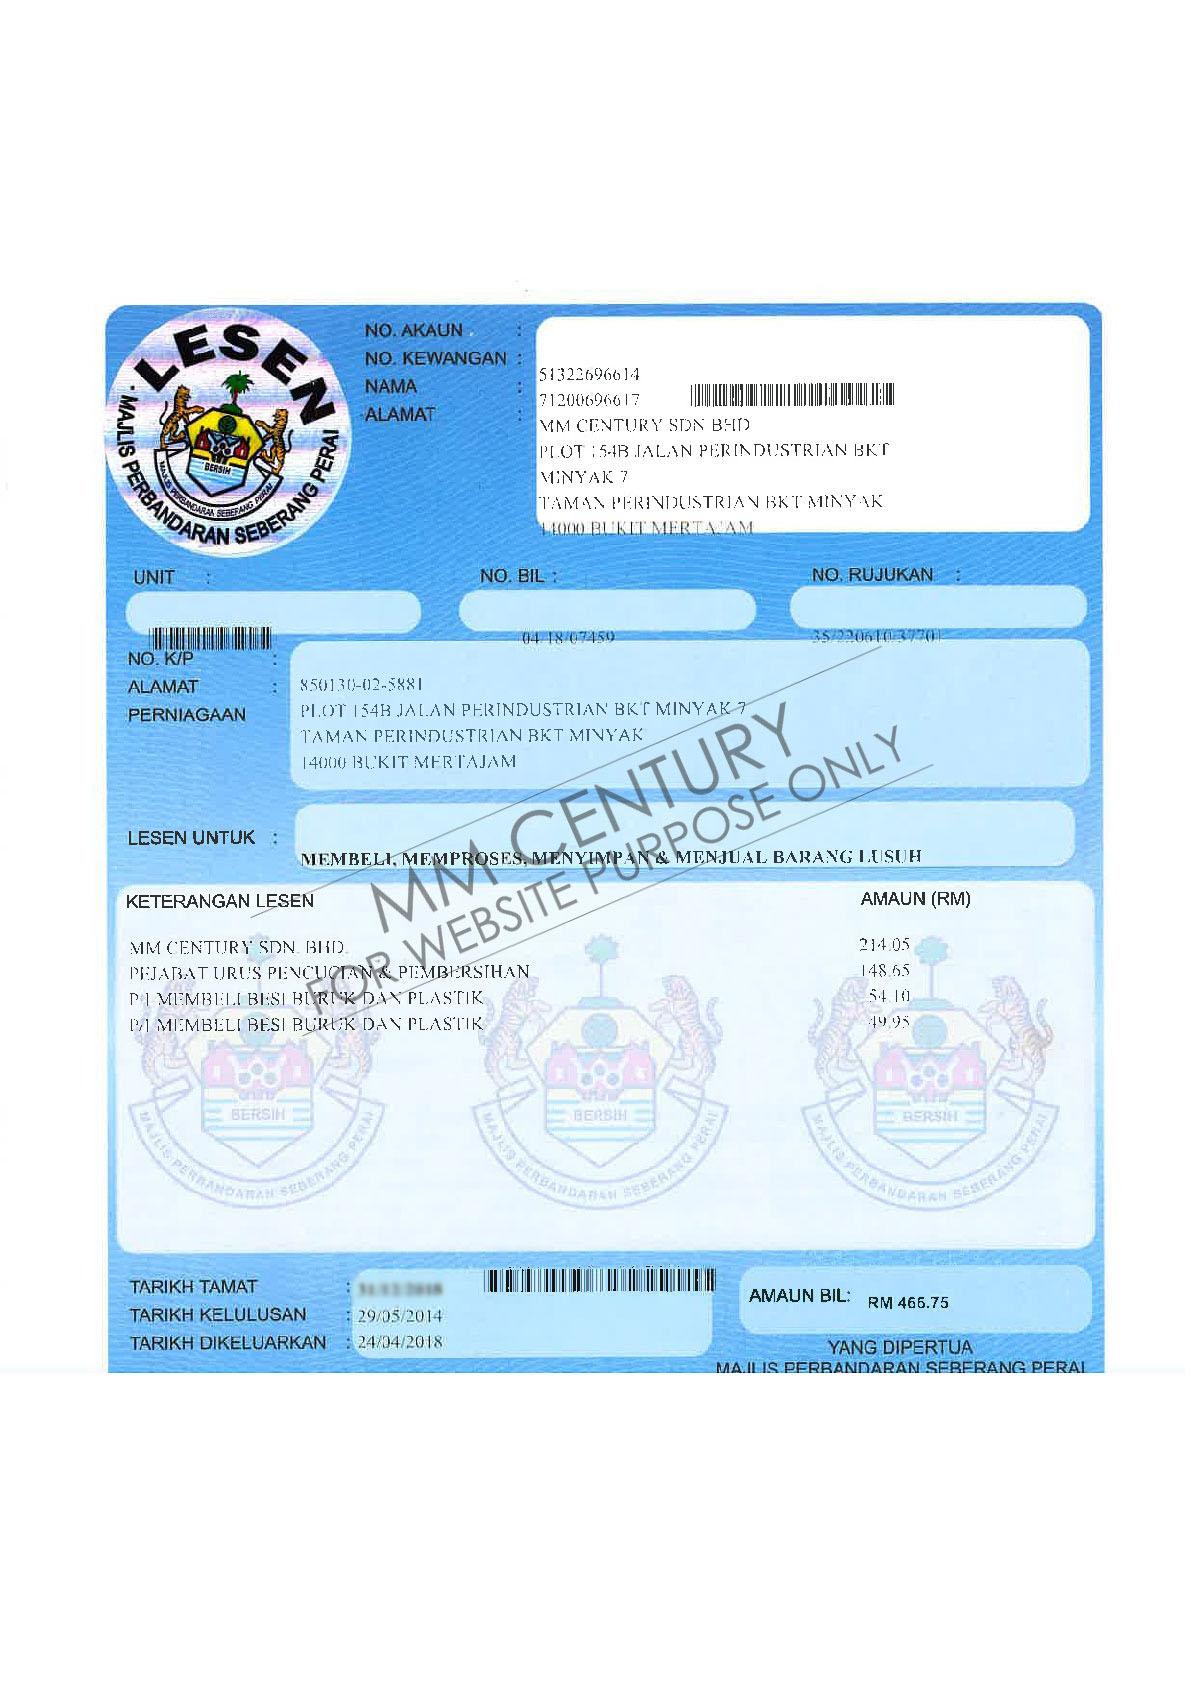 MM Century- MPSP License